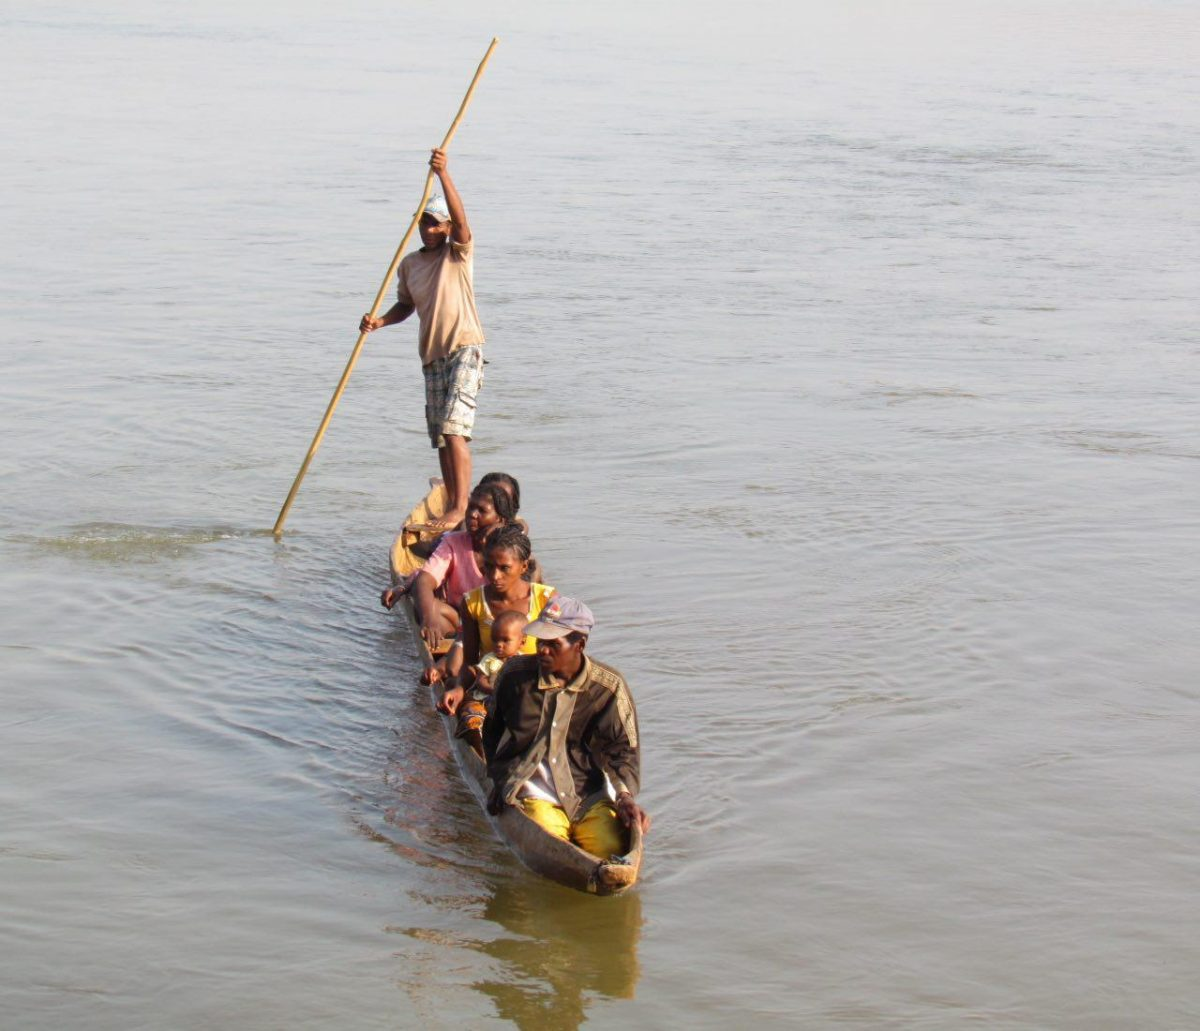 کل جابه جایی هایشان با همین کنوهای ساده است، انگار همه سوار بر تنه درختی بر روی آب، راه می جویند و مقصد می طلبند!